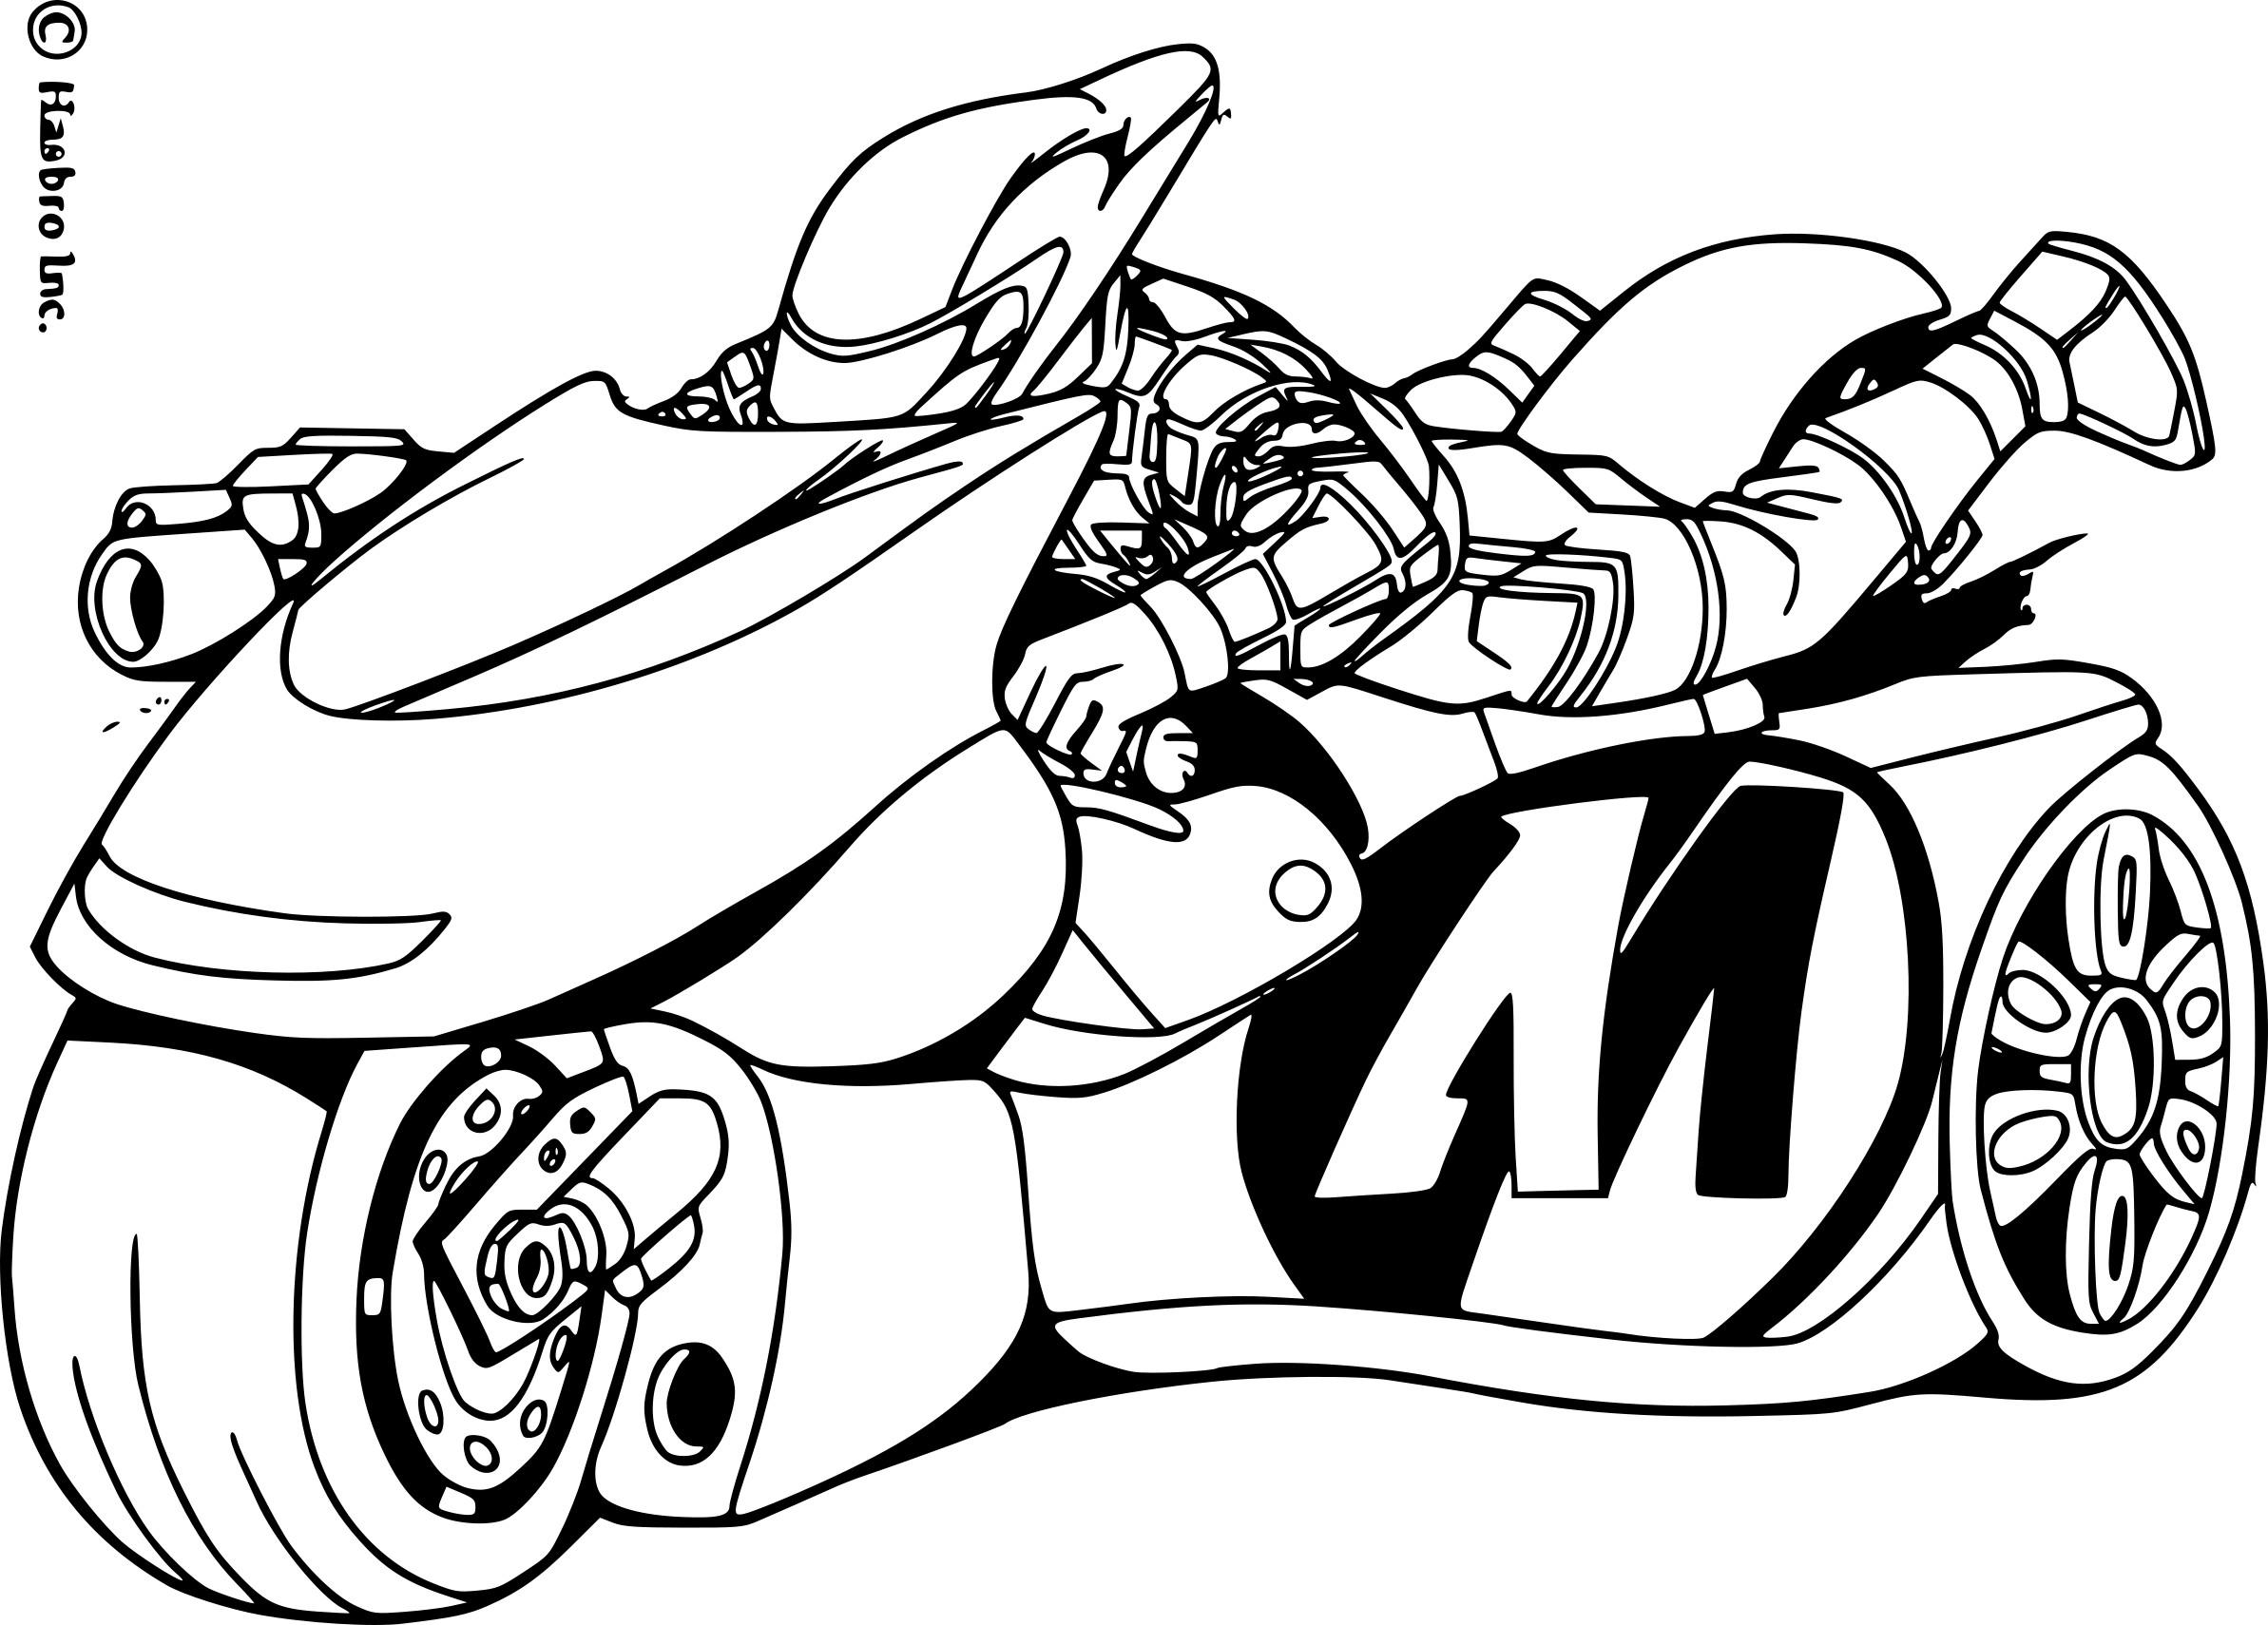 Coloriage Transformers moto à imprimer sur COLORIAGES .info